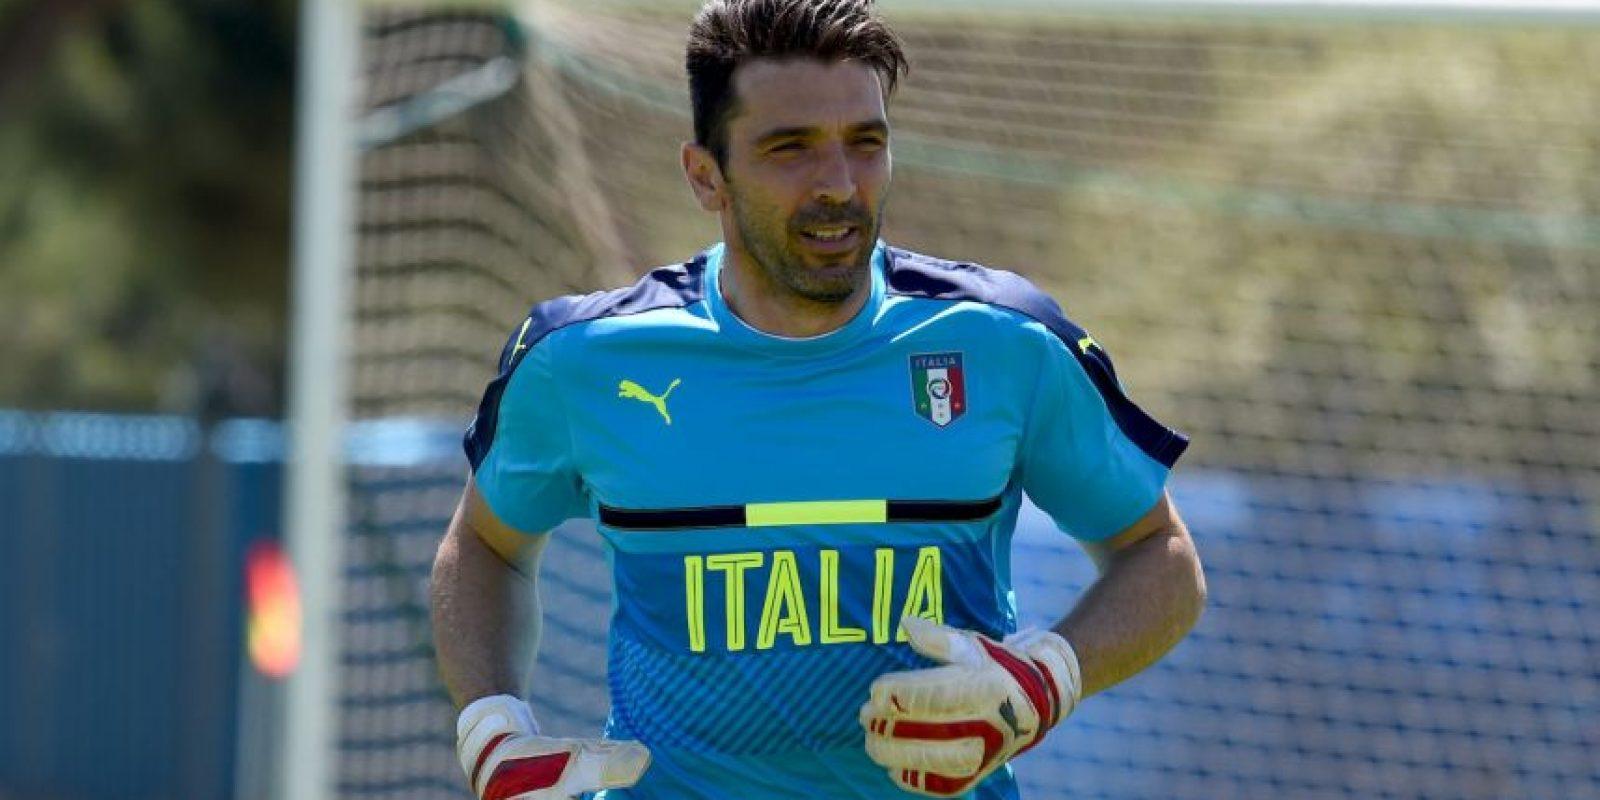 El portero italiano va por su cuarta Eurocopa y a sus 38 años espera conseguir el ansiado título que le quitó España en la final de 2012 Foto:Getty Images